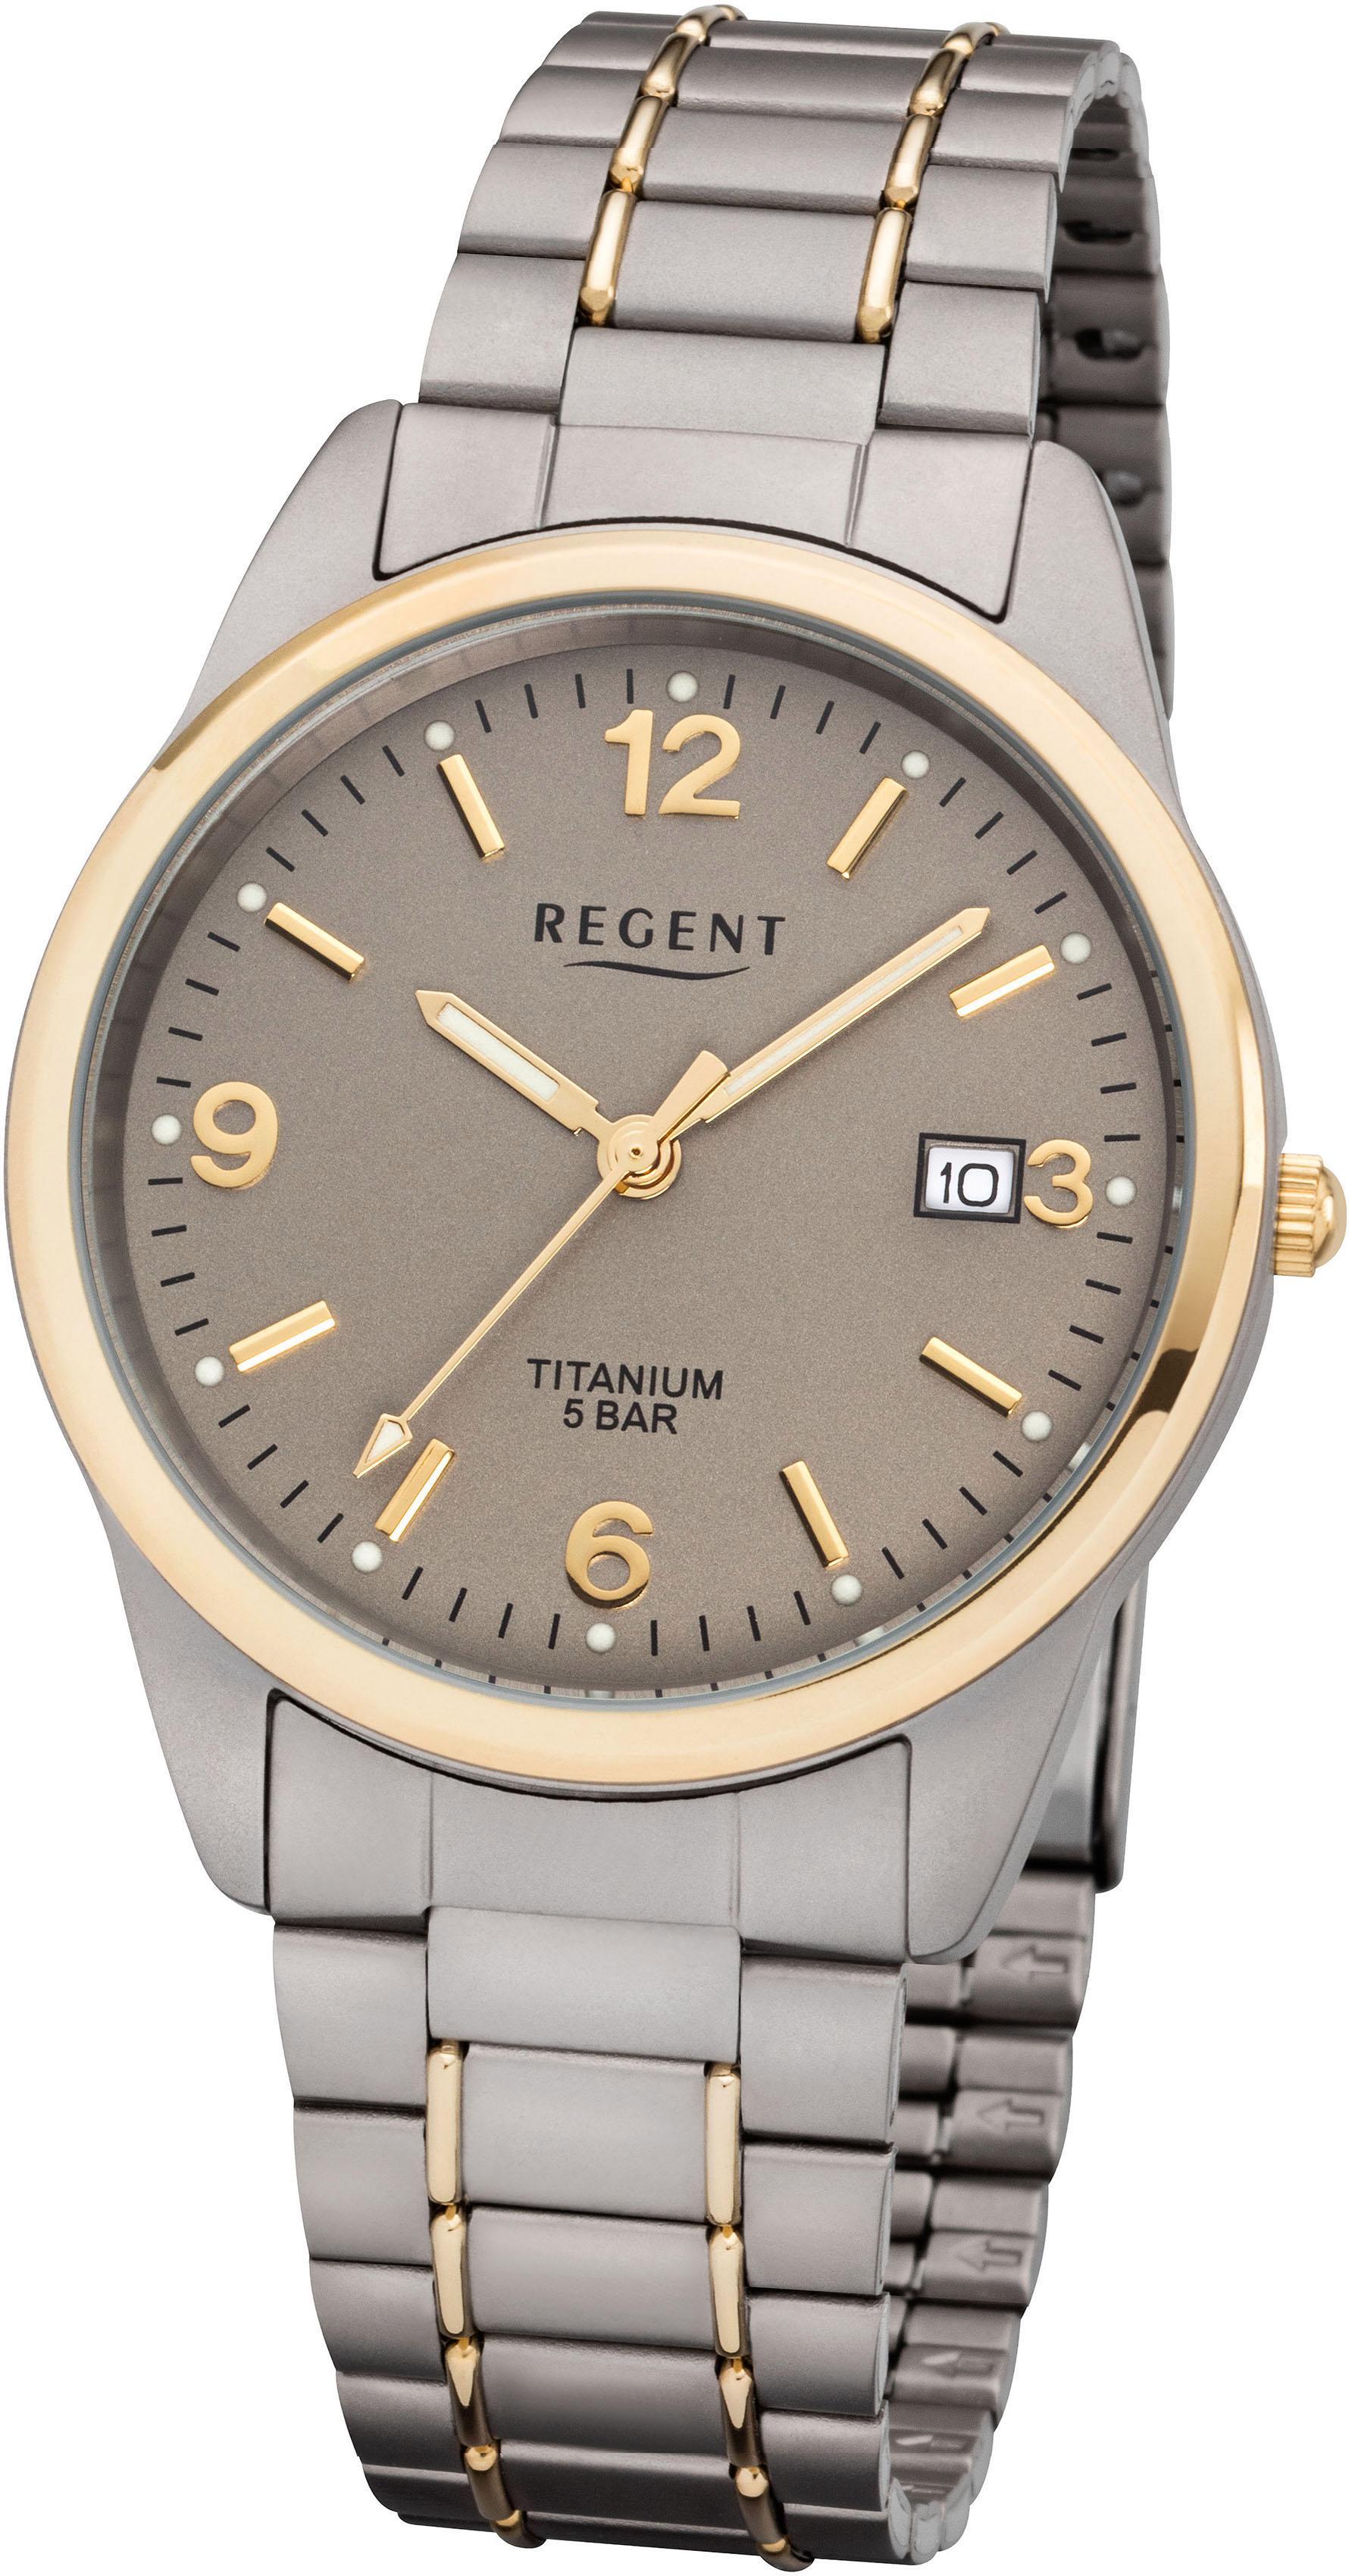 Regent Quarzuhr 1310.91.92 | Uhren > Quarzuhren | Regent